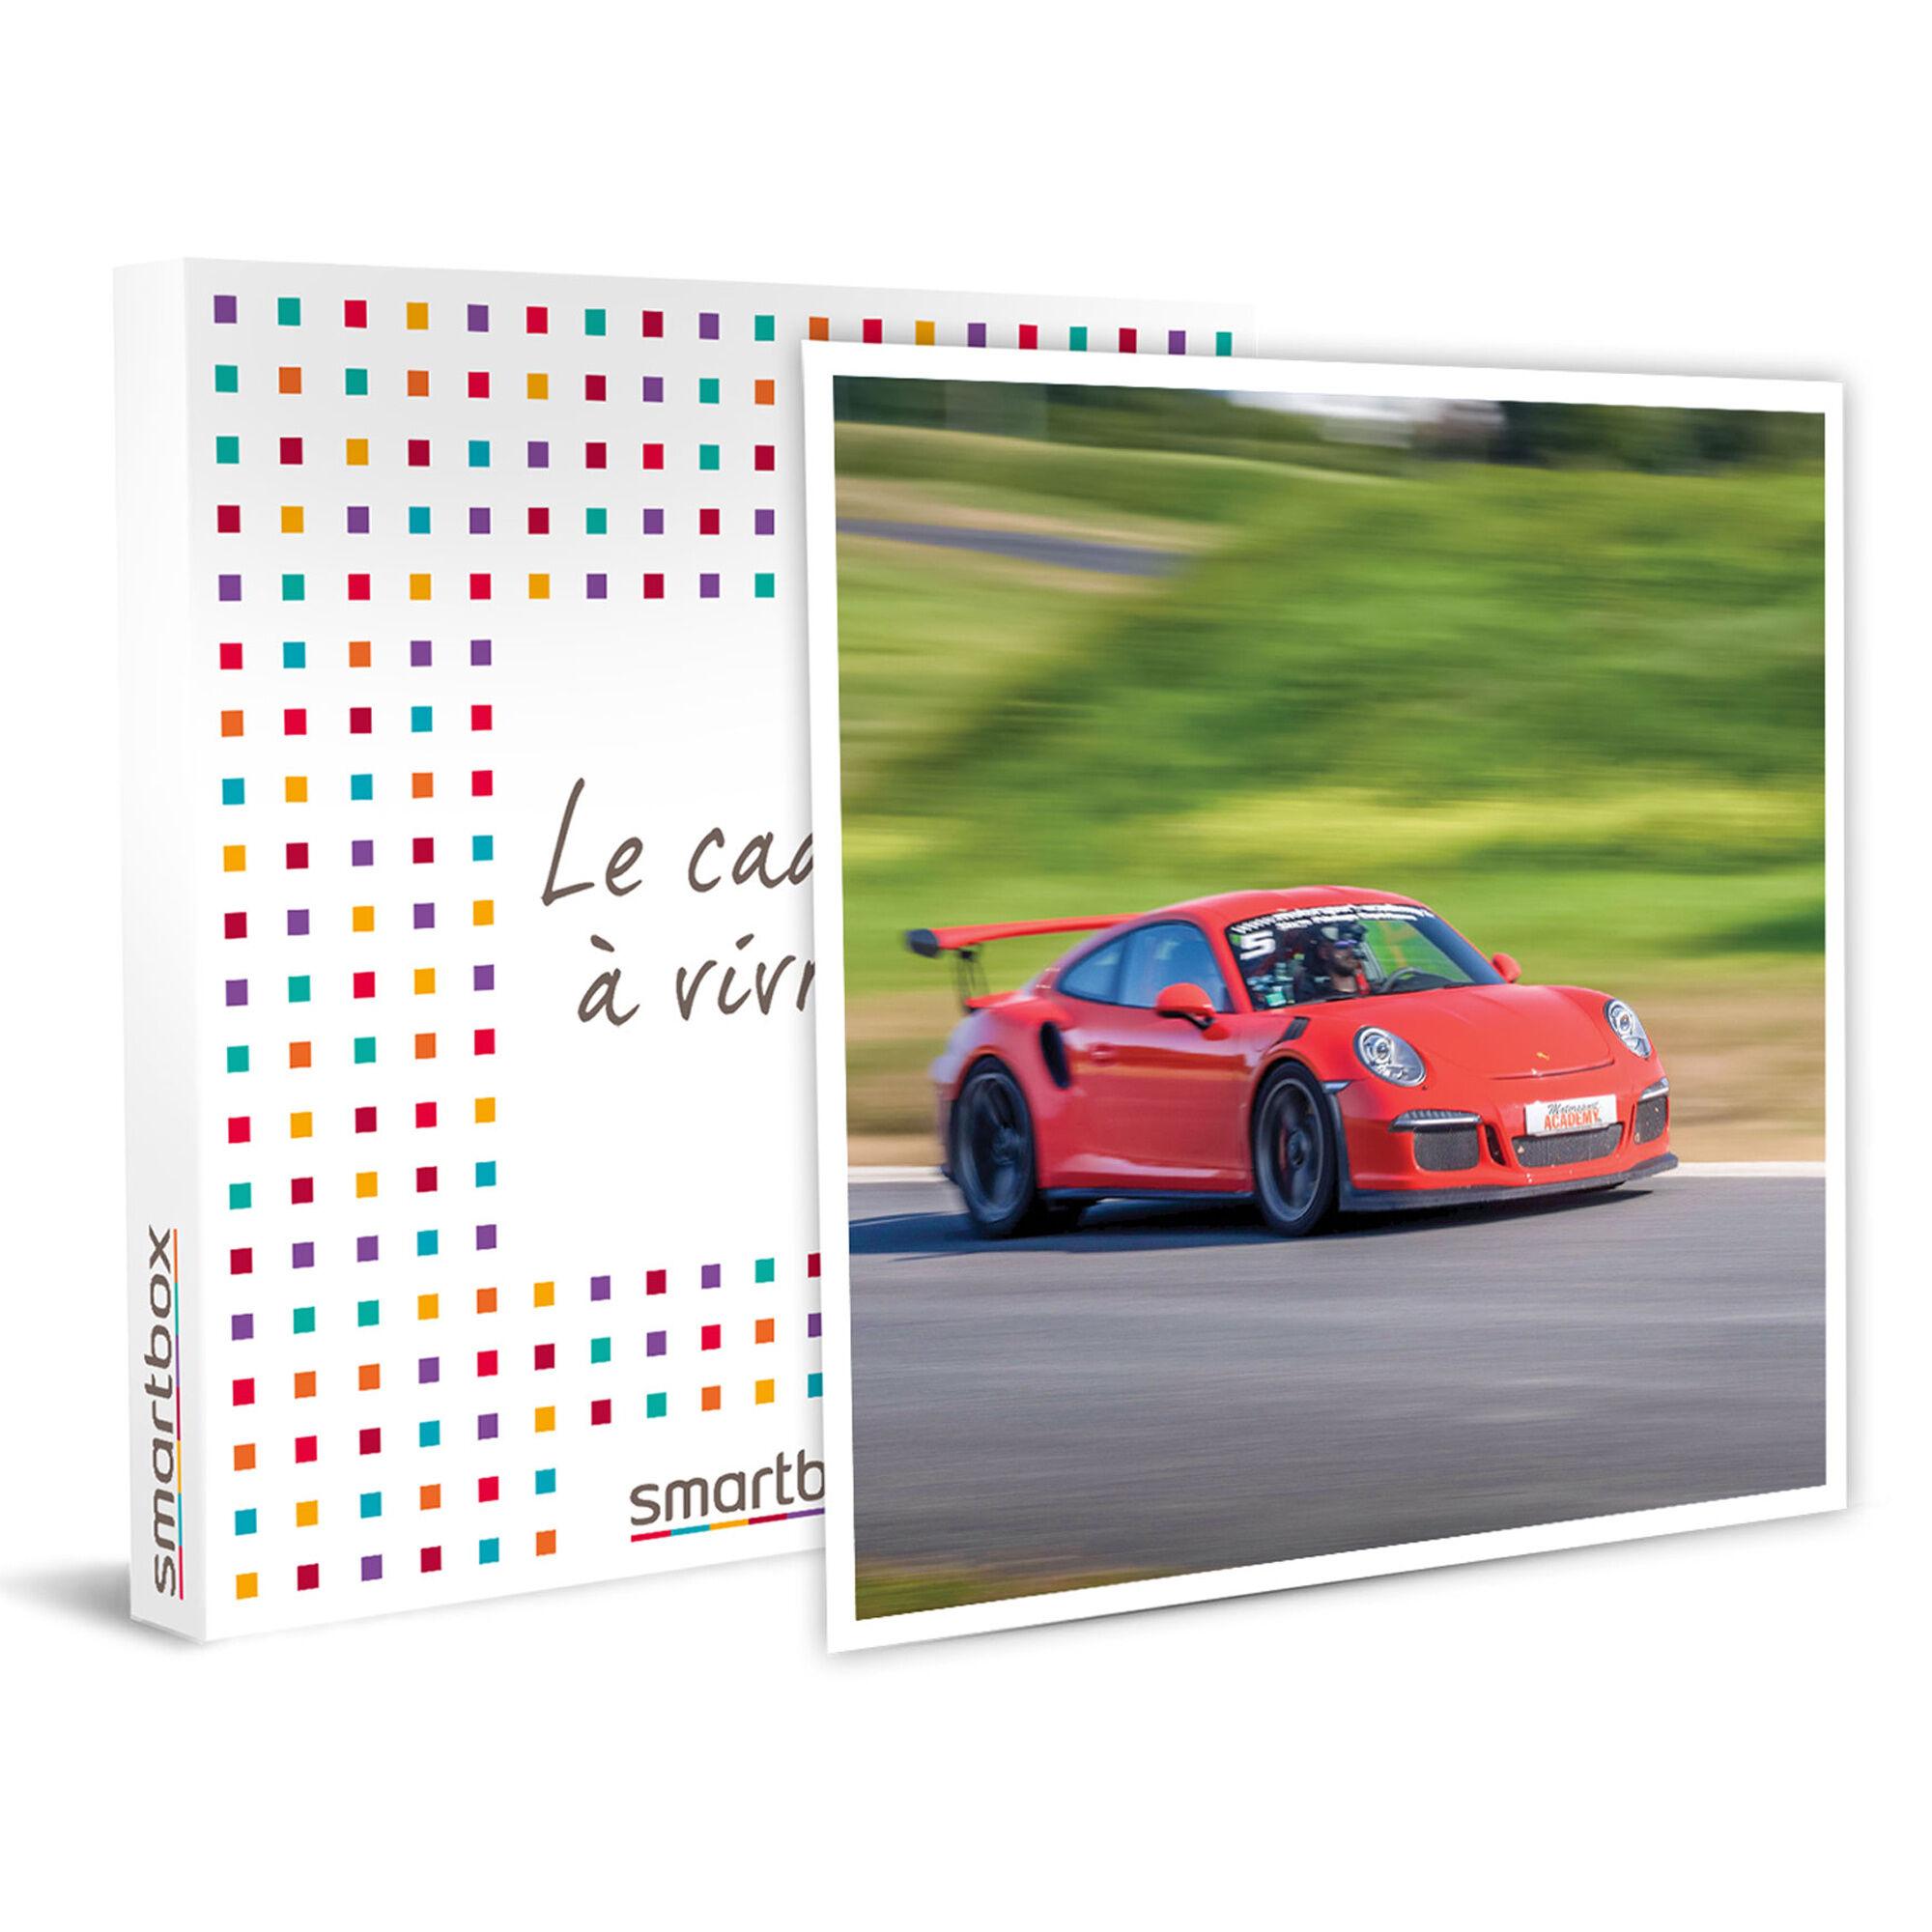 Smartbox Session de 2 tours sur circuit en Porsche GT3 RS Coffret cadeau Smartbox